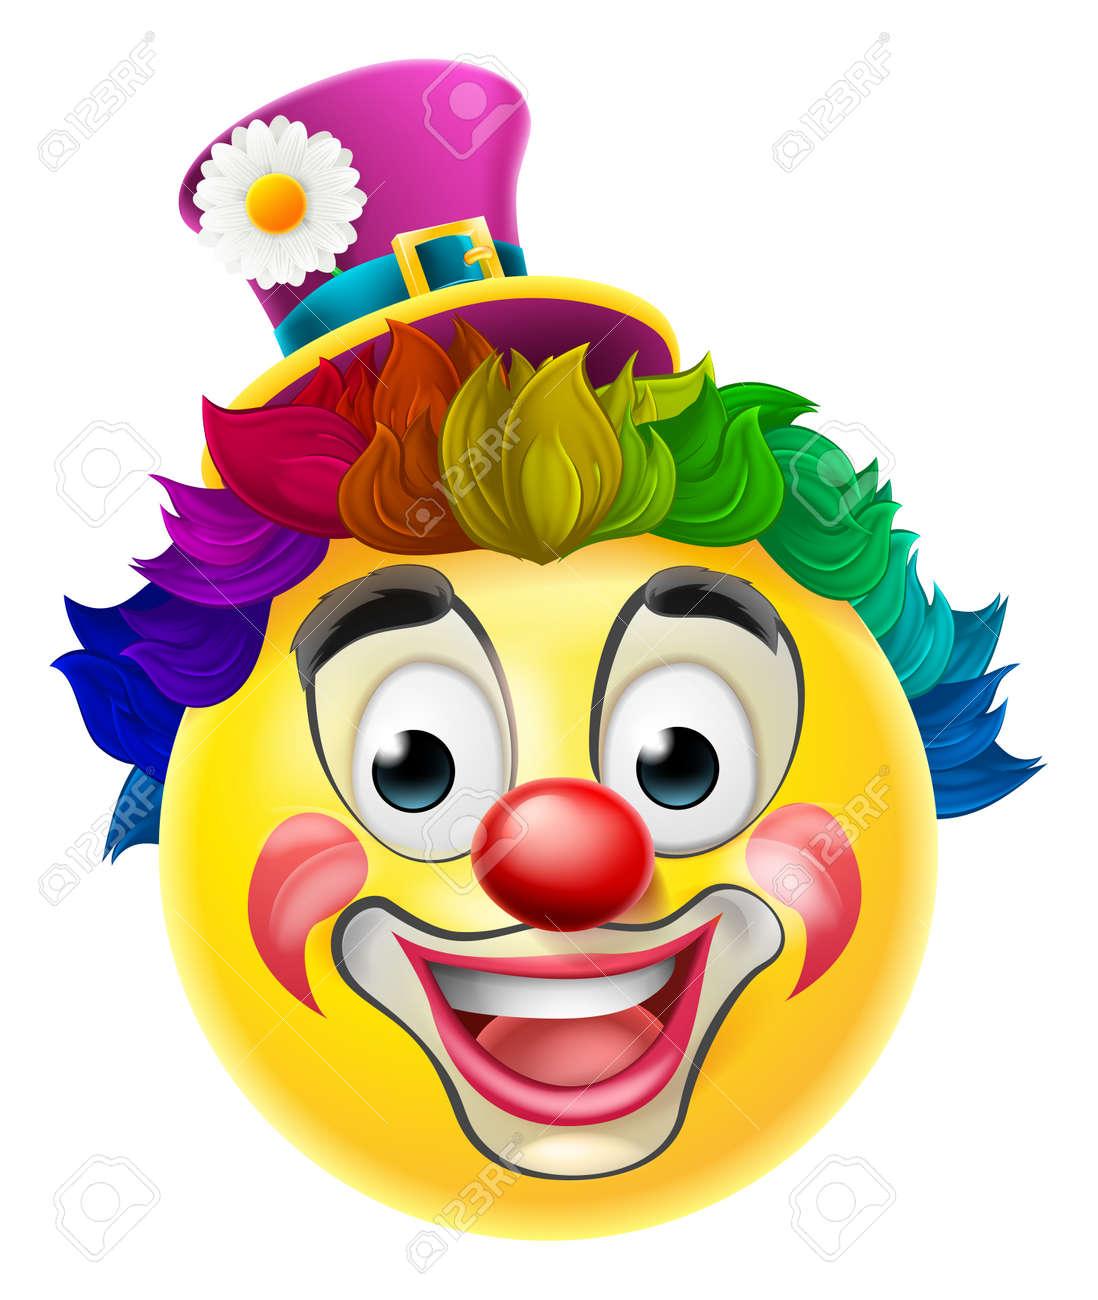 banque dimages une bande dessine de clown emoji moticne caractre smiley avec un nez rouge perruque arc en ciel et la peinture de visage maquillage